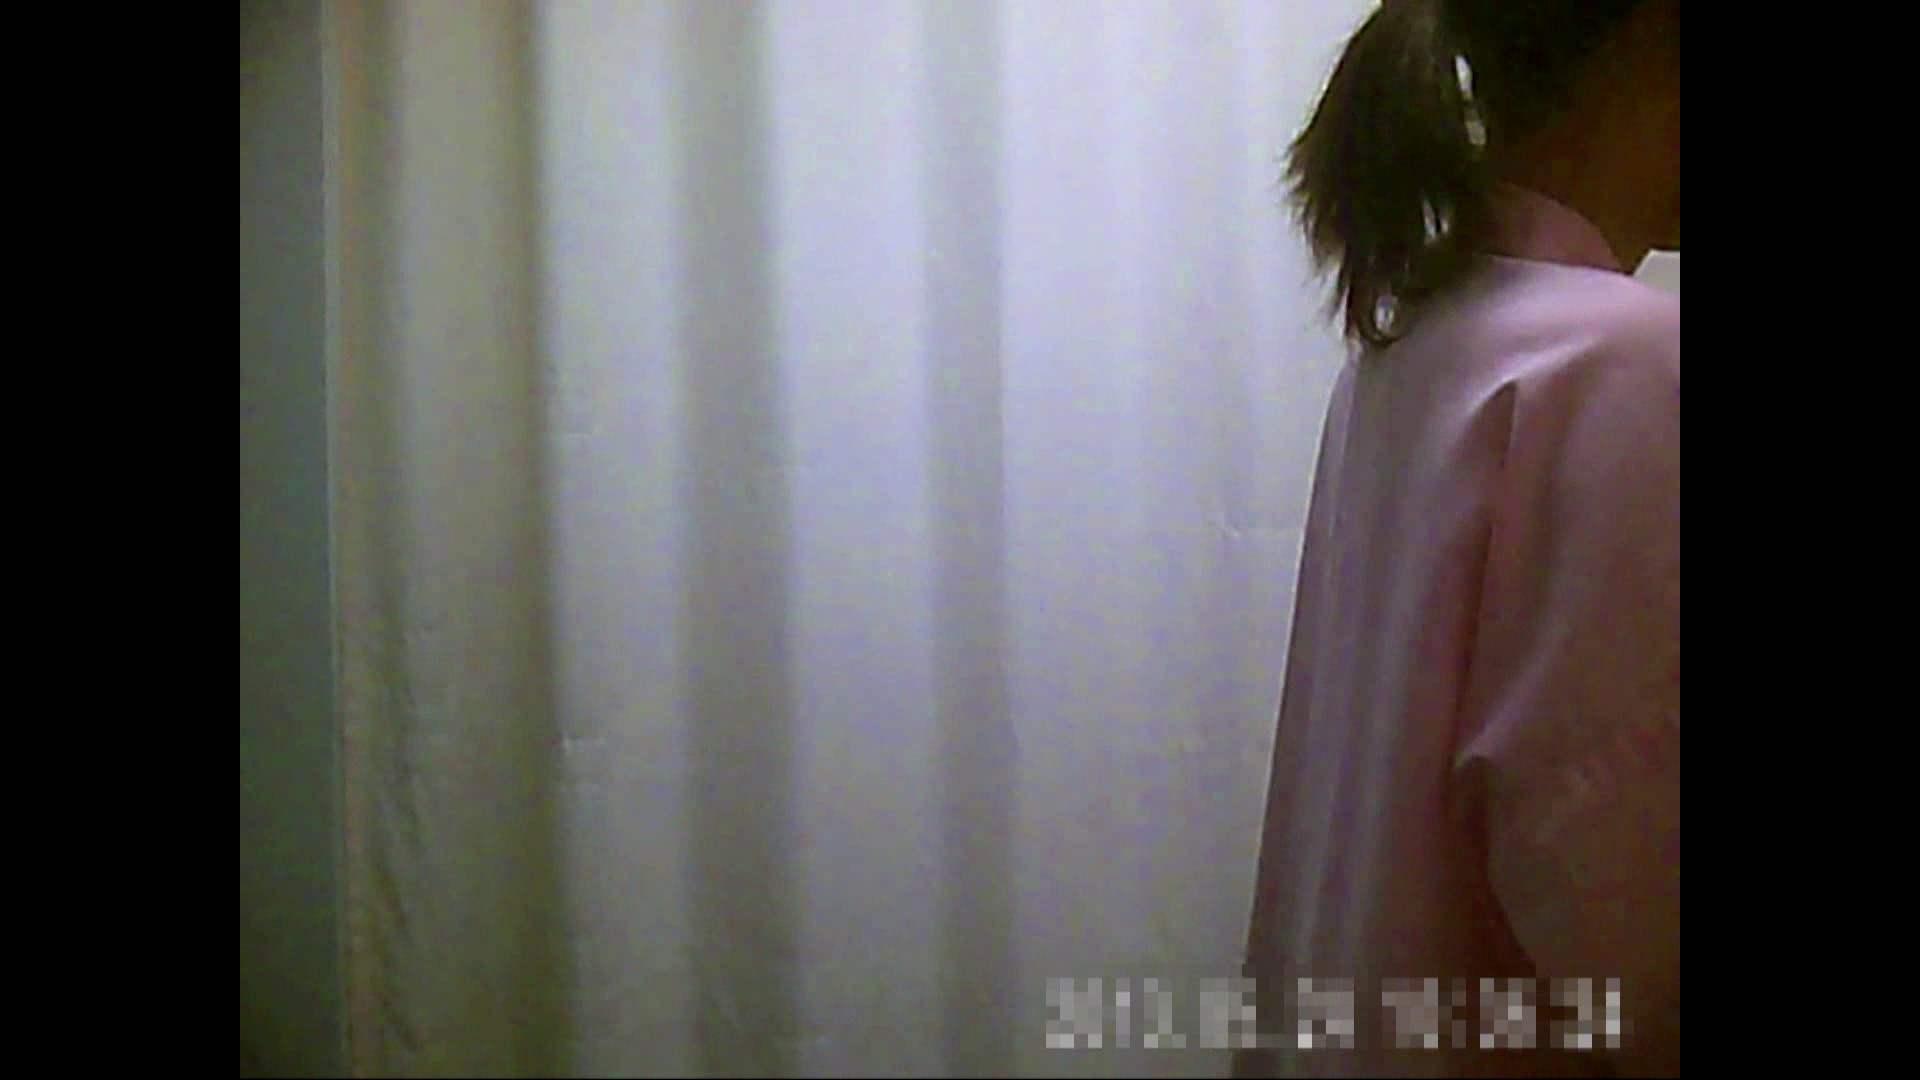 病院おもいっきり着替え! vol.252 乳首 オマンコ無修正動画無料 103連発 4